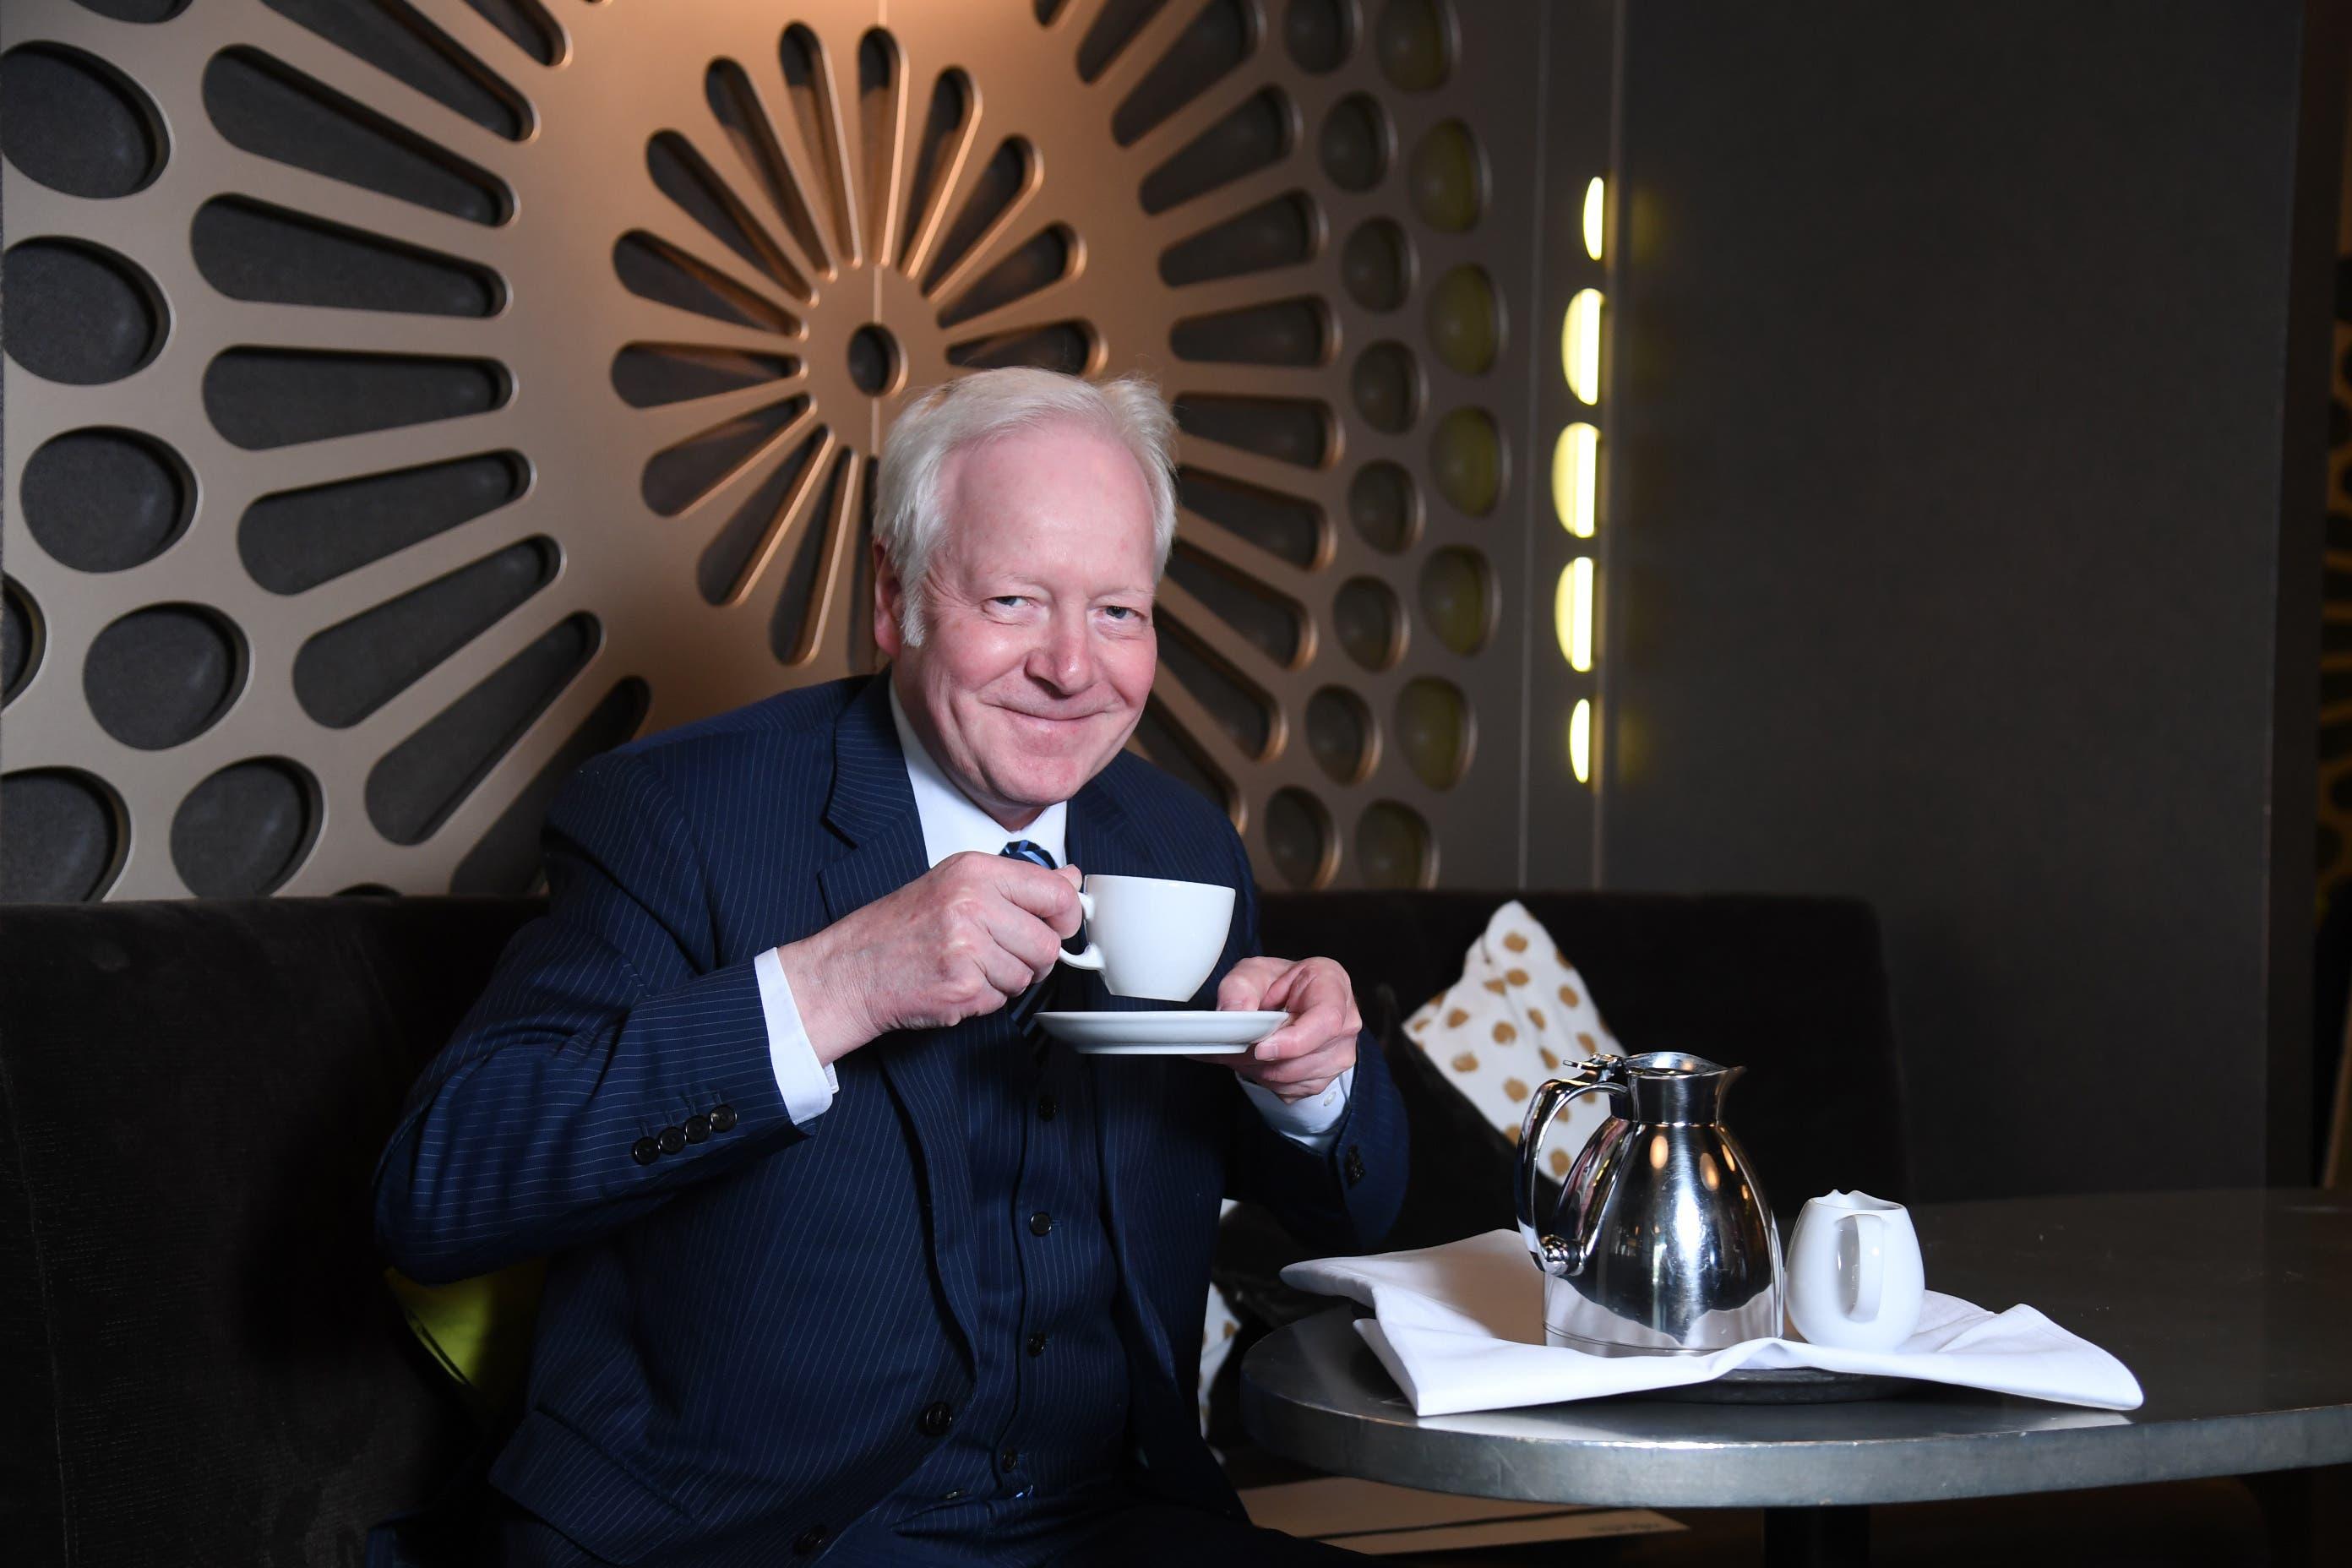 Als Dauergast entwickelte Fritz Schenkel neue Routinen. Dazu gehört der Milchkaffee am immer gleichen Tisch.